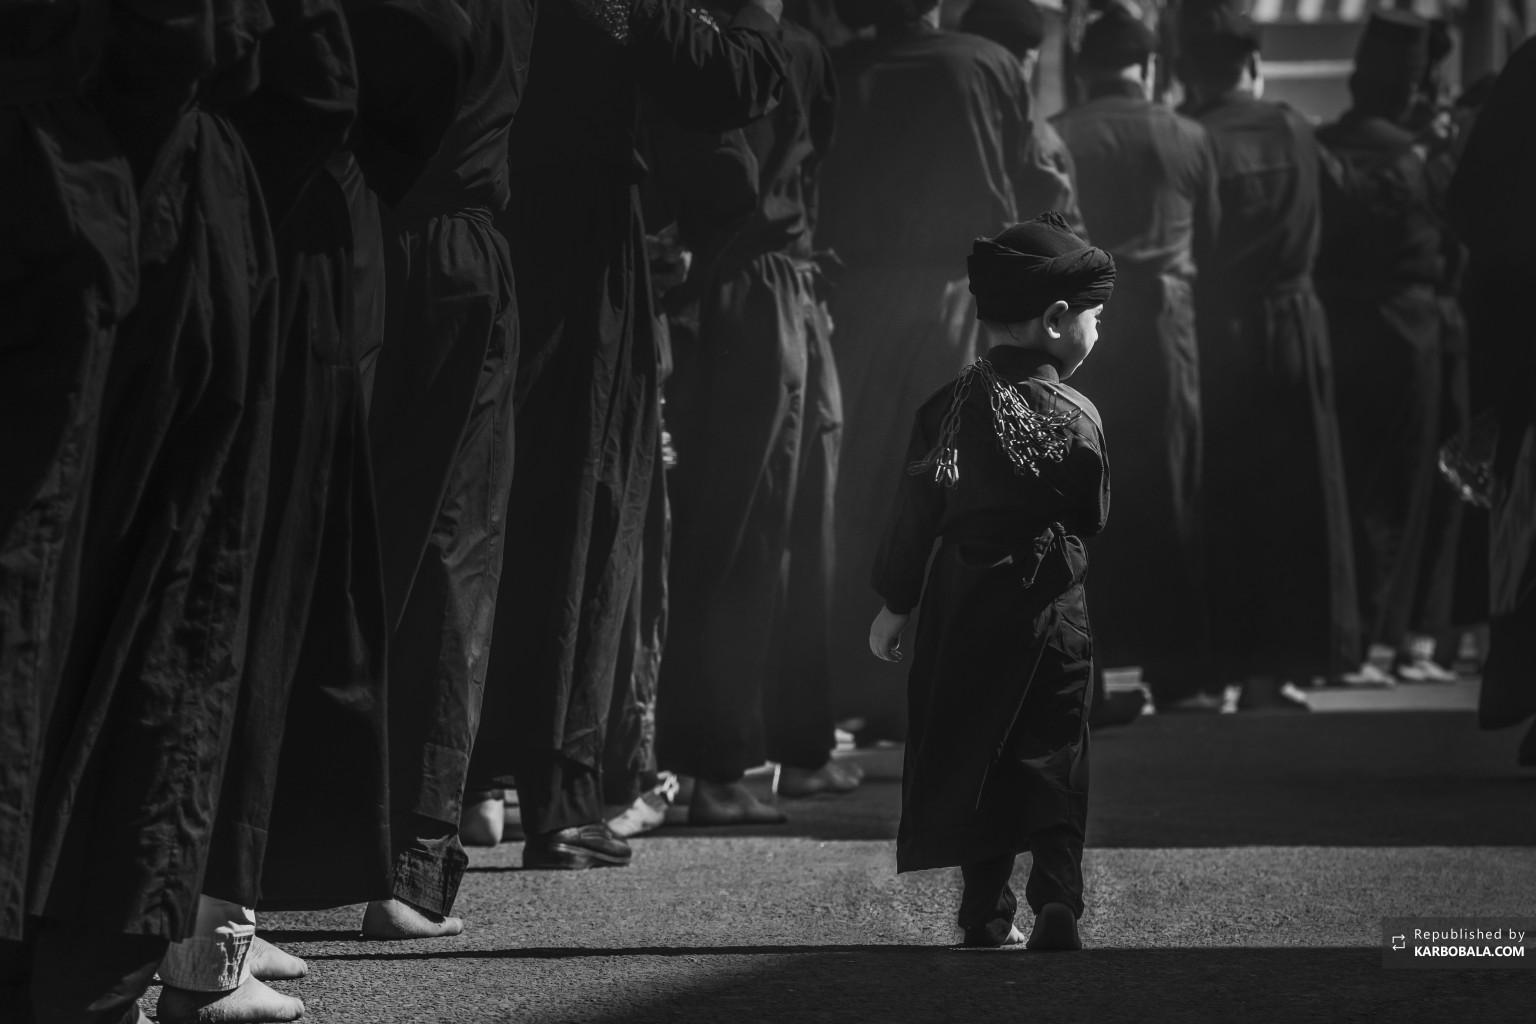 کودک خردسال در میان عزاداران حسینی